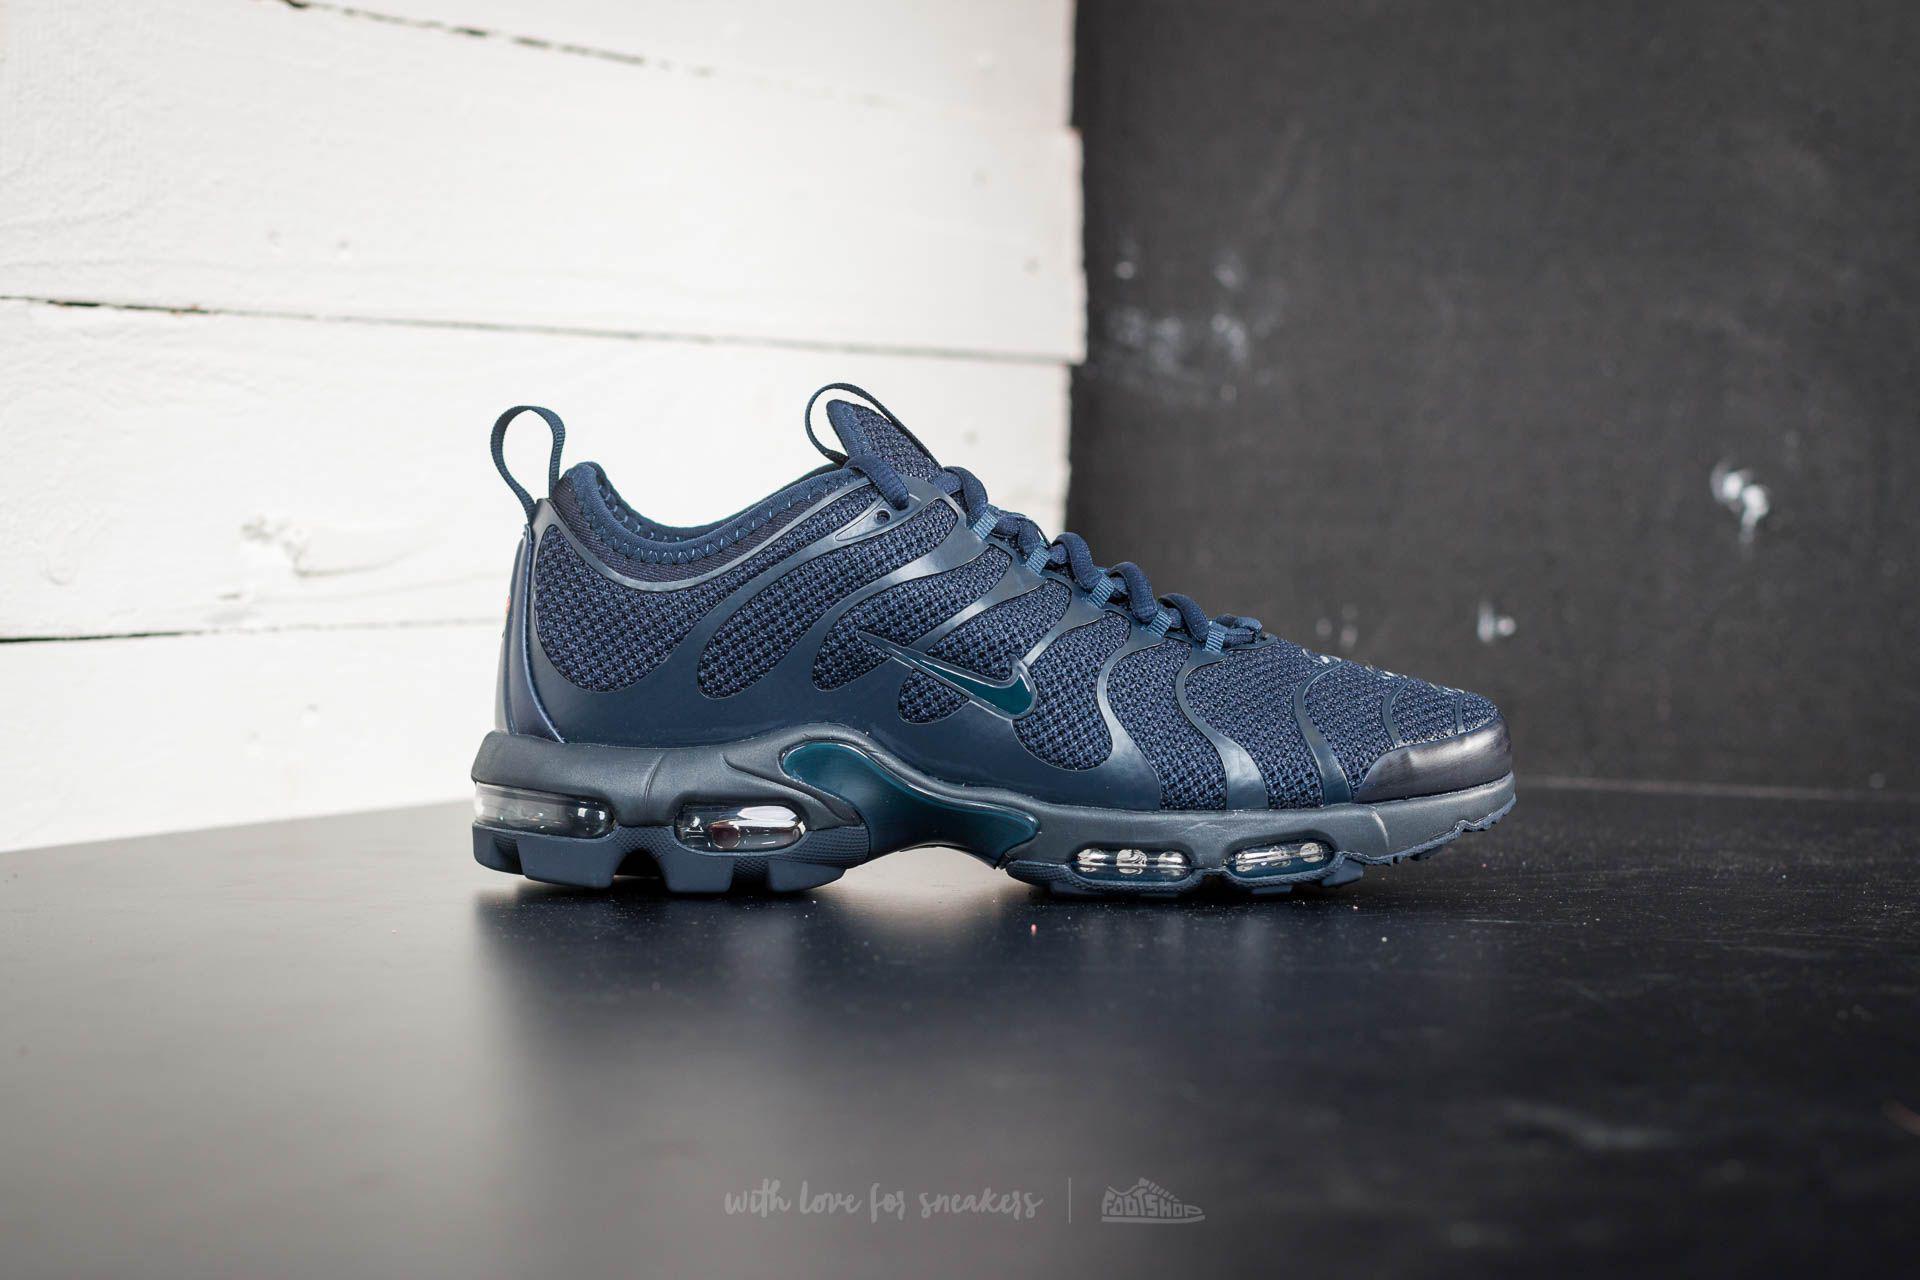 Nike 655020 421 Air Max Plus TN 1 Midnight NavyVolt Blue